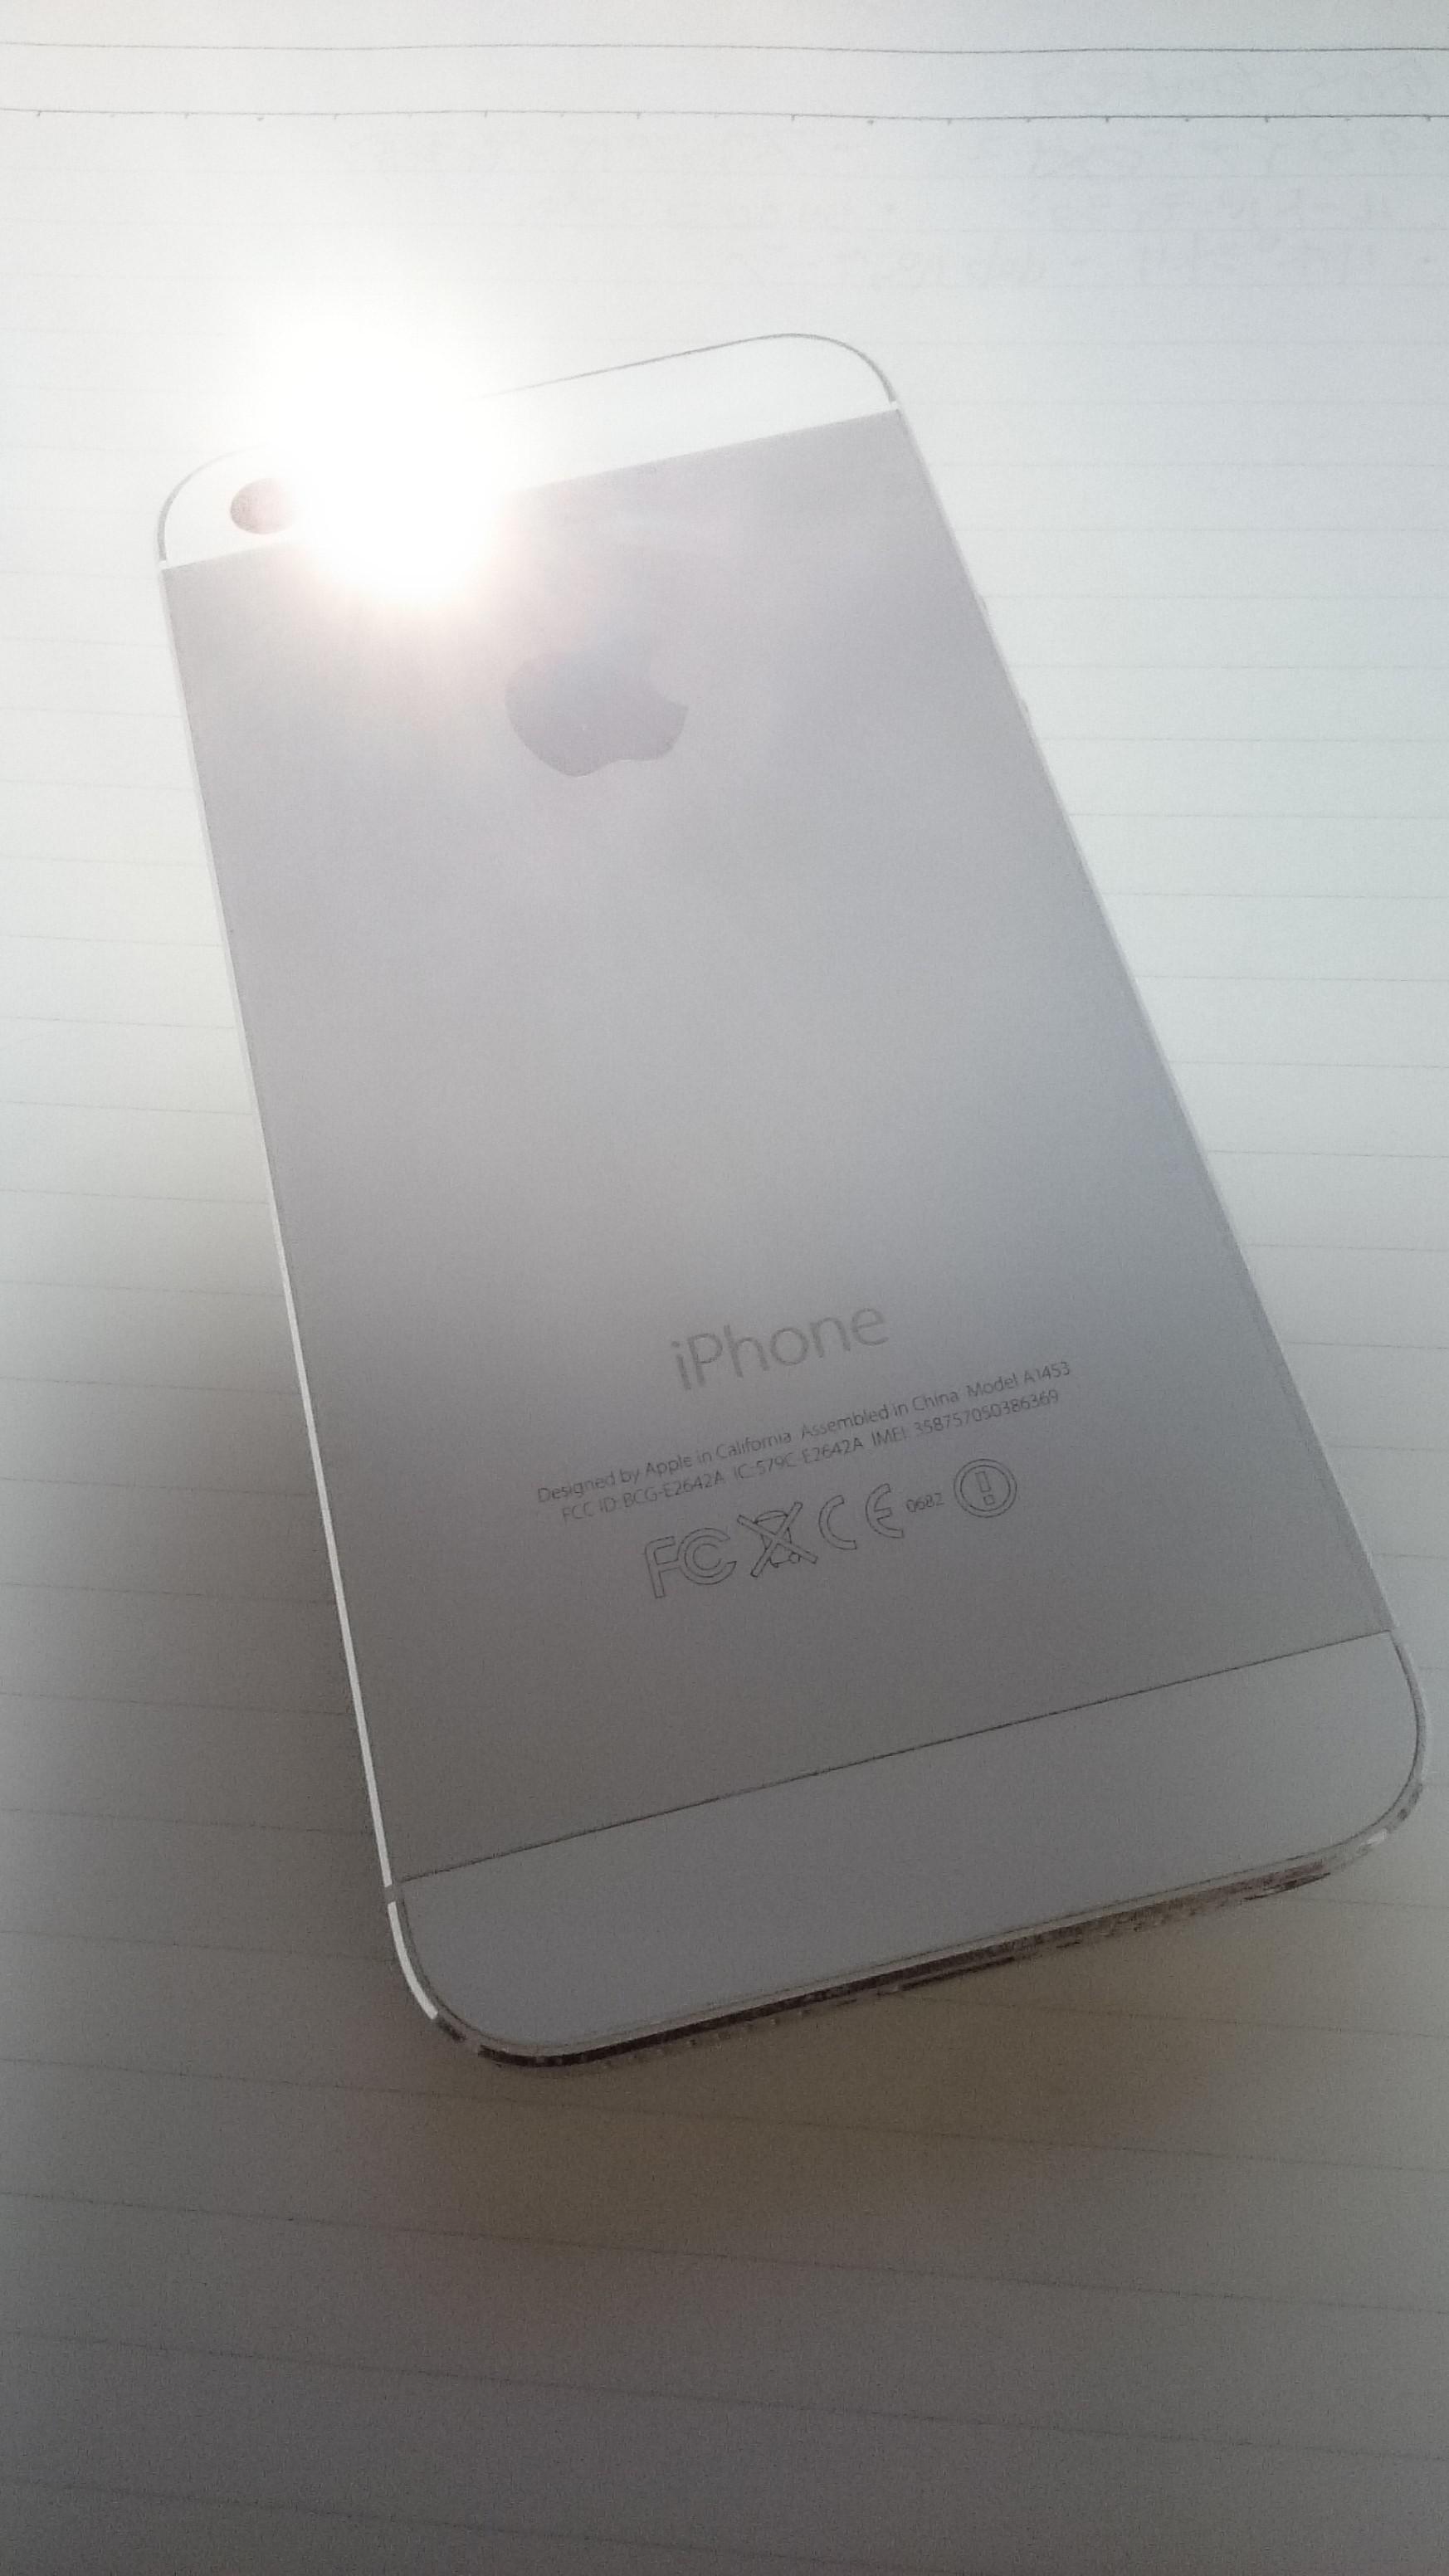 【iPhone】フラッシュを通知LED,着信ランプとして活用するには?方法/アイフォン